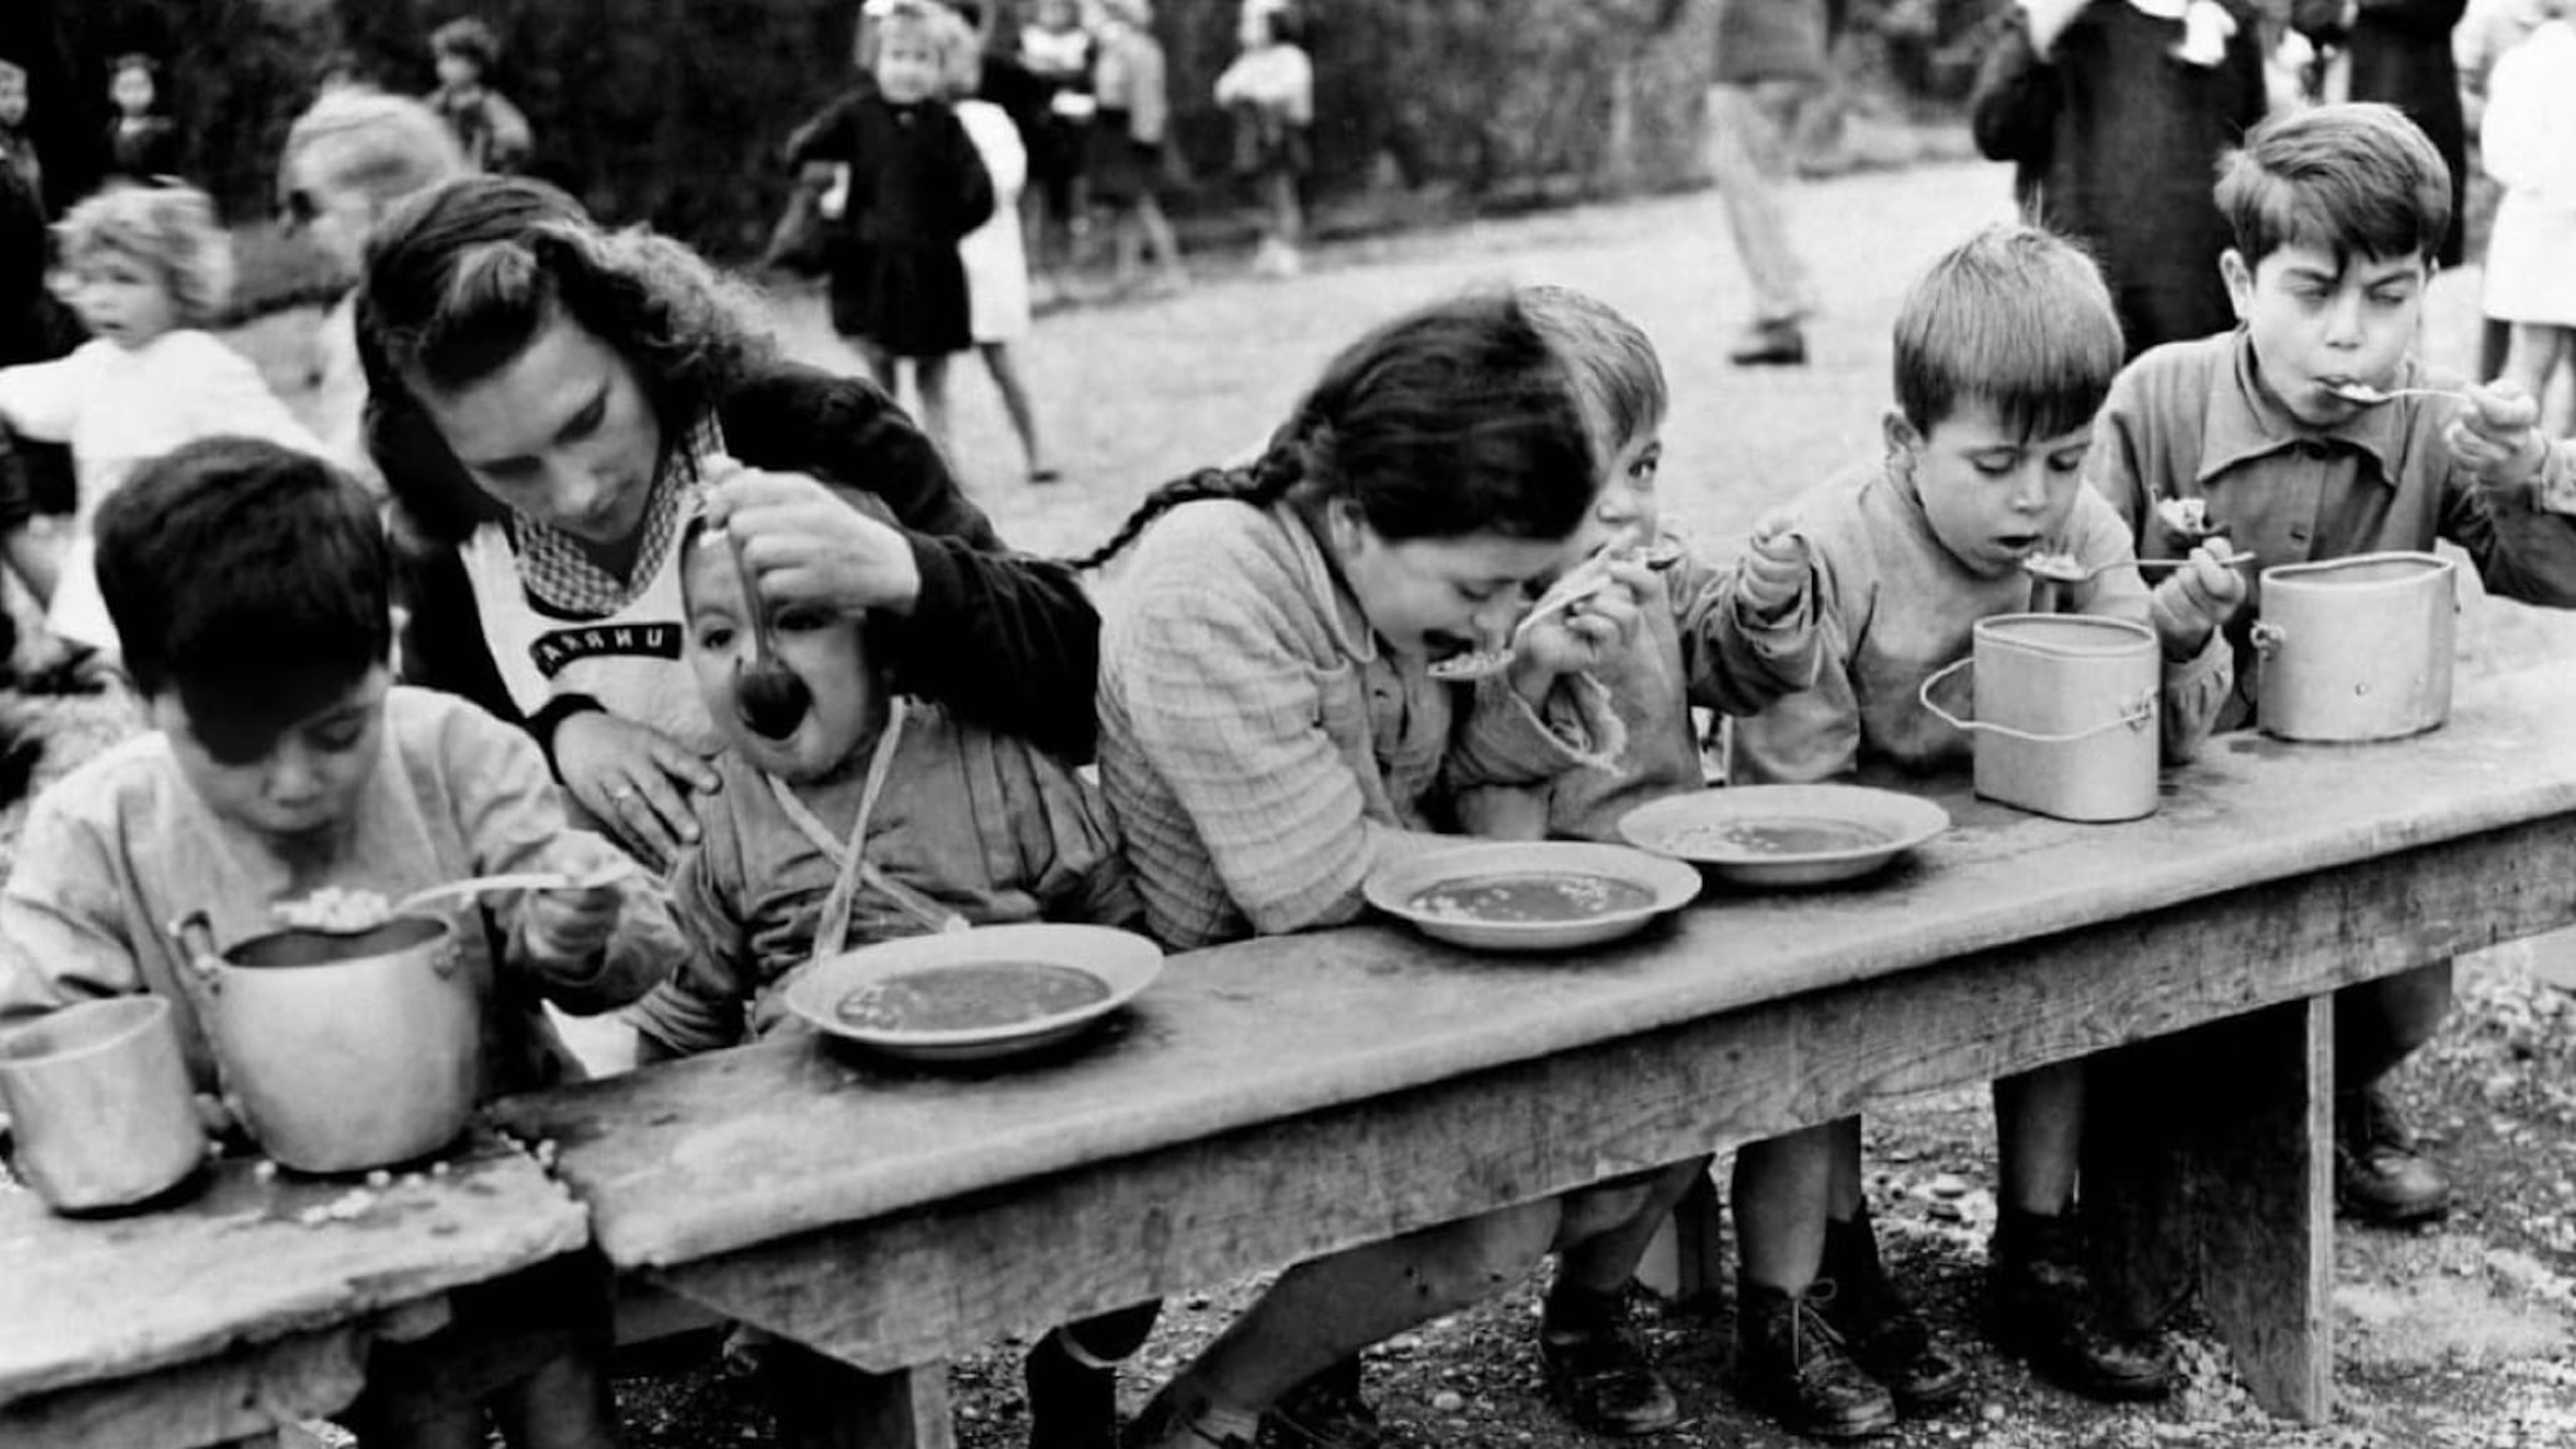 La nascita dell'UNICEF Italia per promuovere i diritti dell'infanzia e raccogliere fondi